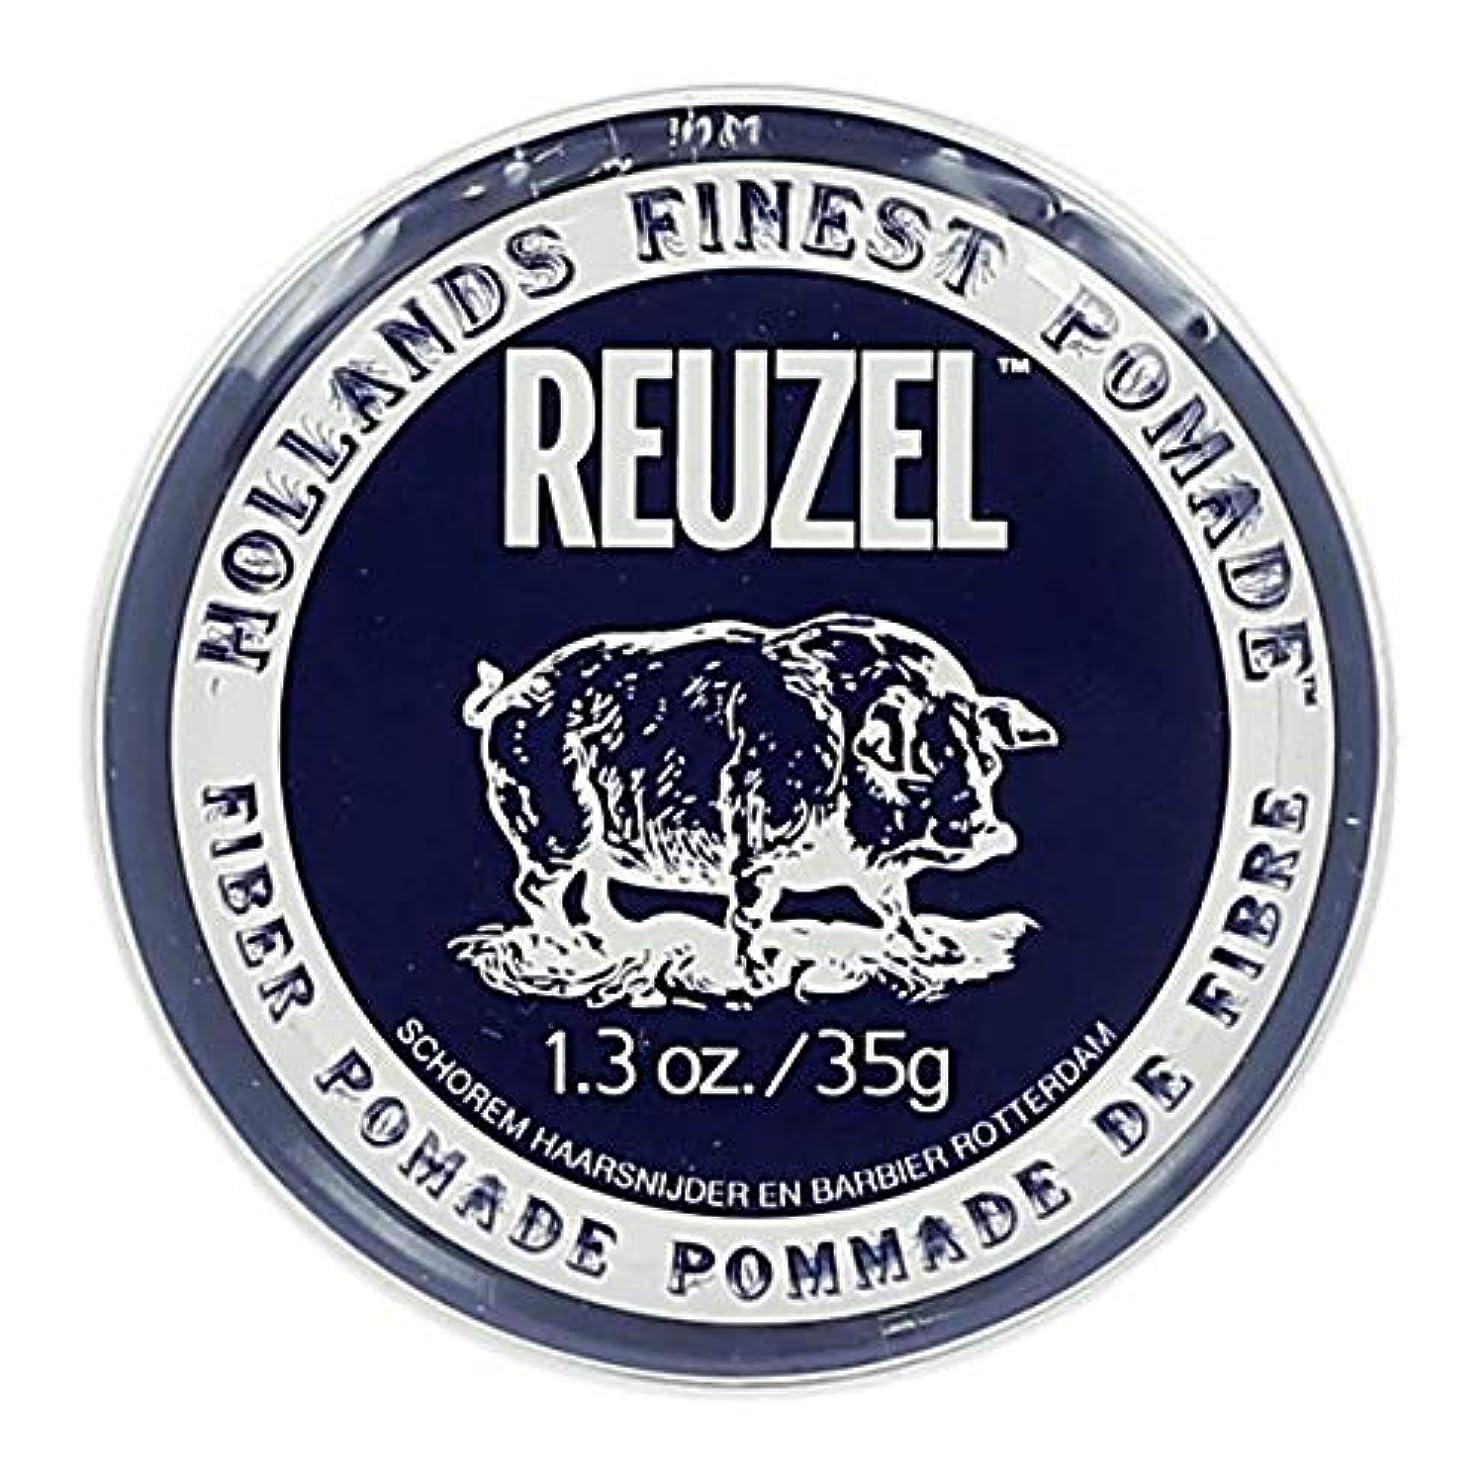 準備ができて変位約設定ルーゾー ネイビー ファイバー ポマード Reuzel Navy Fiber Pomade 35 g [並行輸入品]